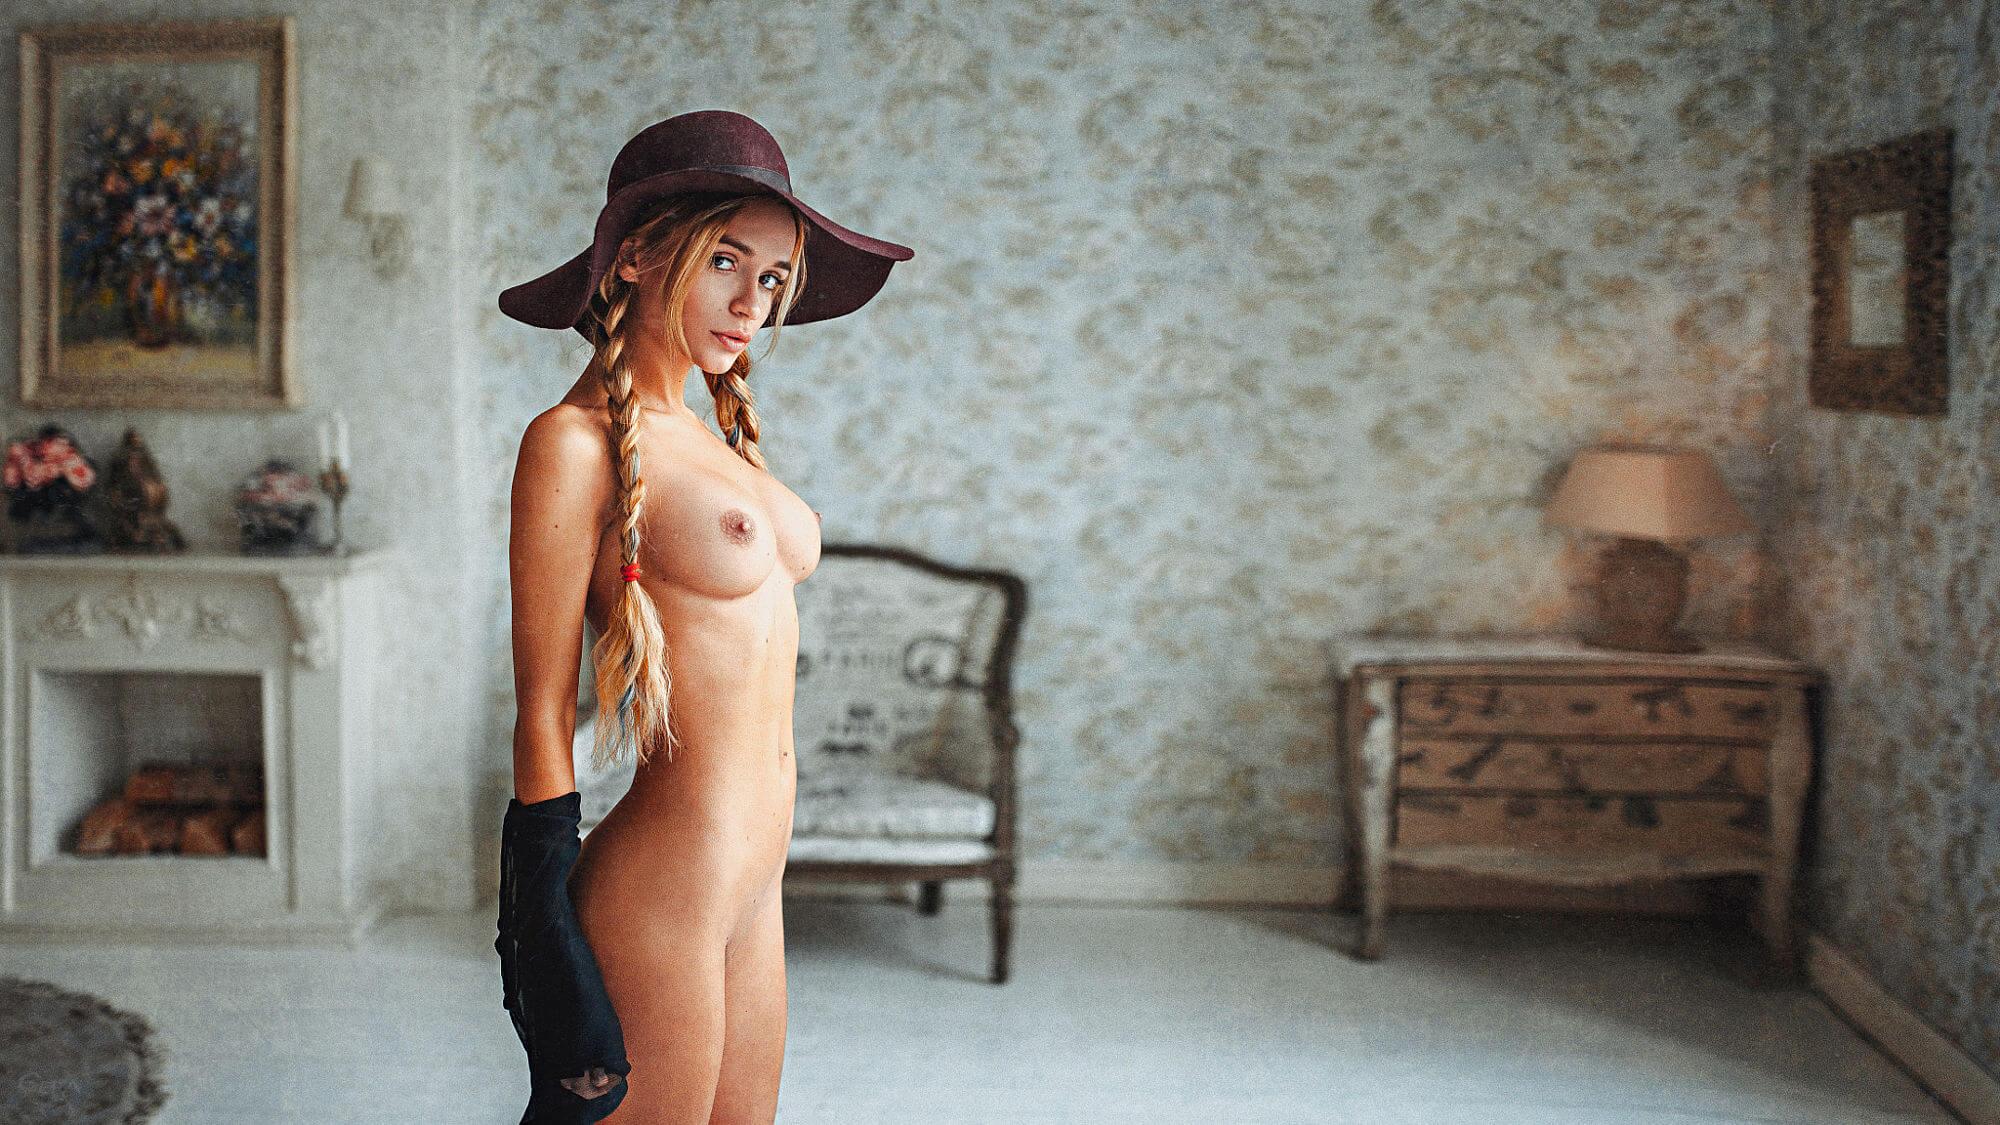 Обнажённая но в шляпе(Блонд)